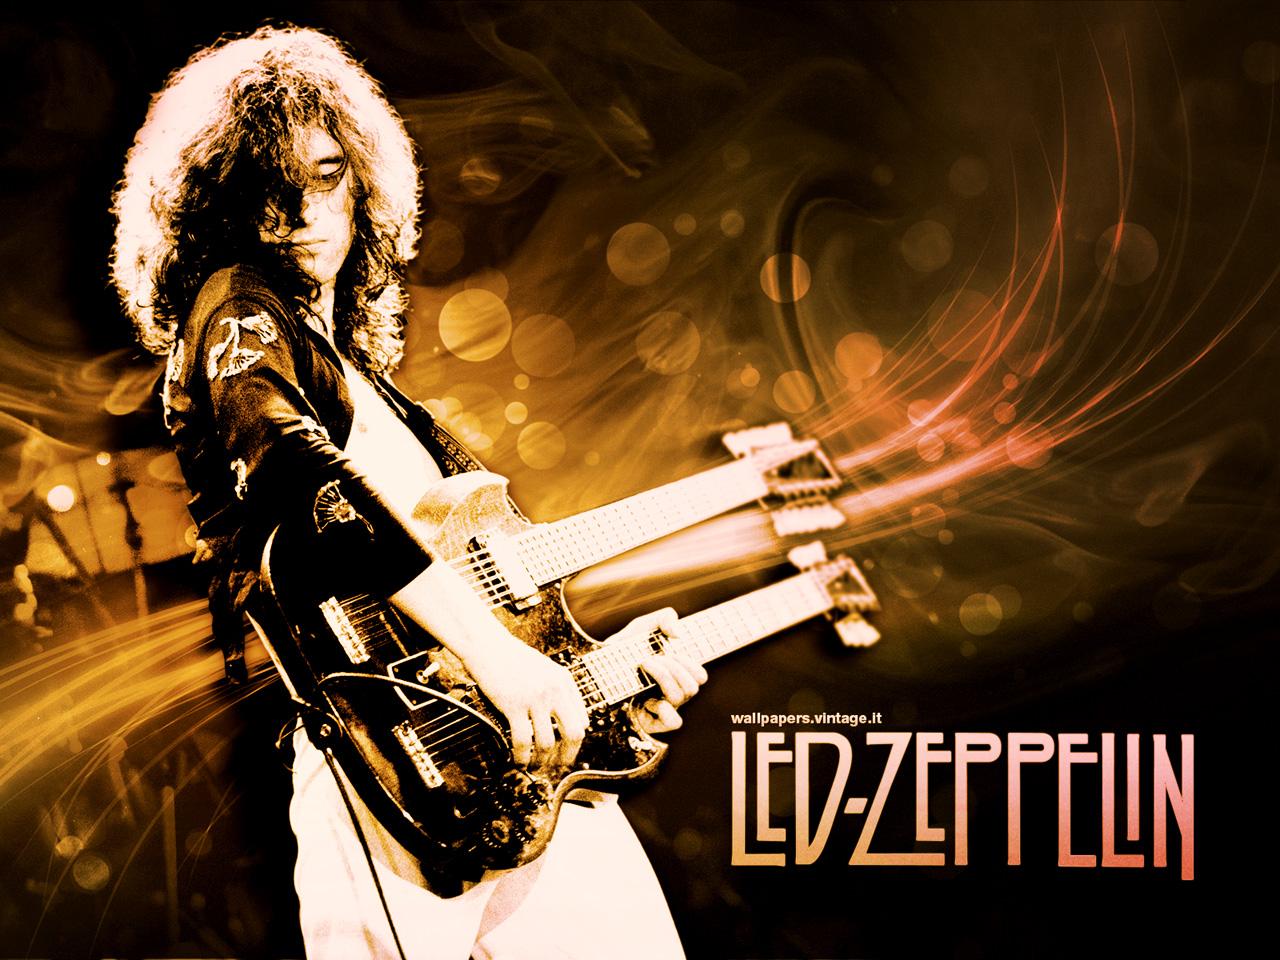 Led Zeppelin wallpaper   Desktop HD iPad iPhone wallpapers 1280x960